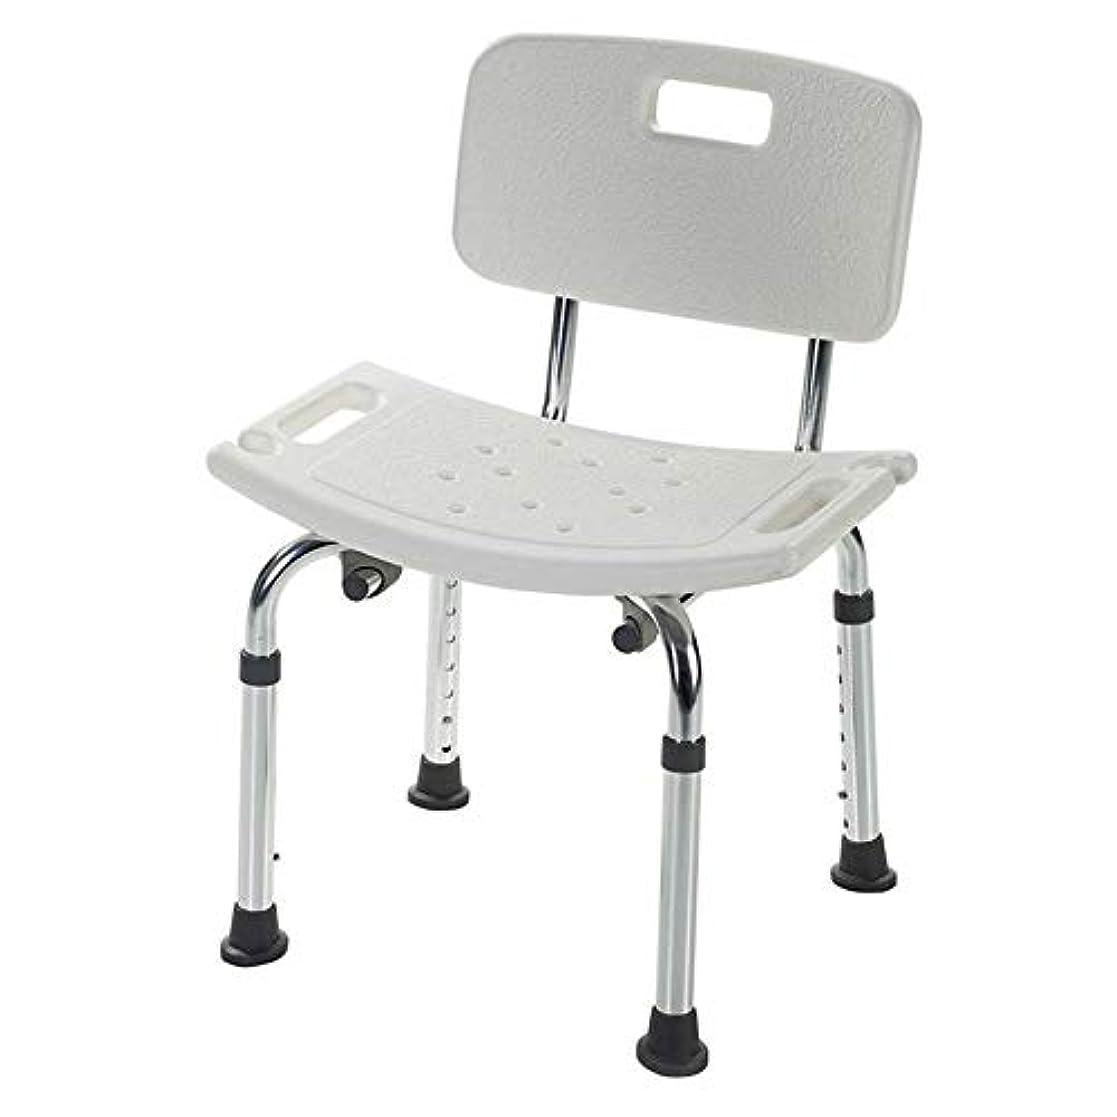 損傷タバコ行政バスシートベンチシャワースツールシャワーチェア、背もたれ付きU字型シートプレート高さ調節可能な高齢者用入浴補助具